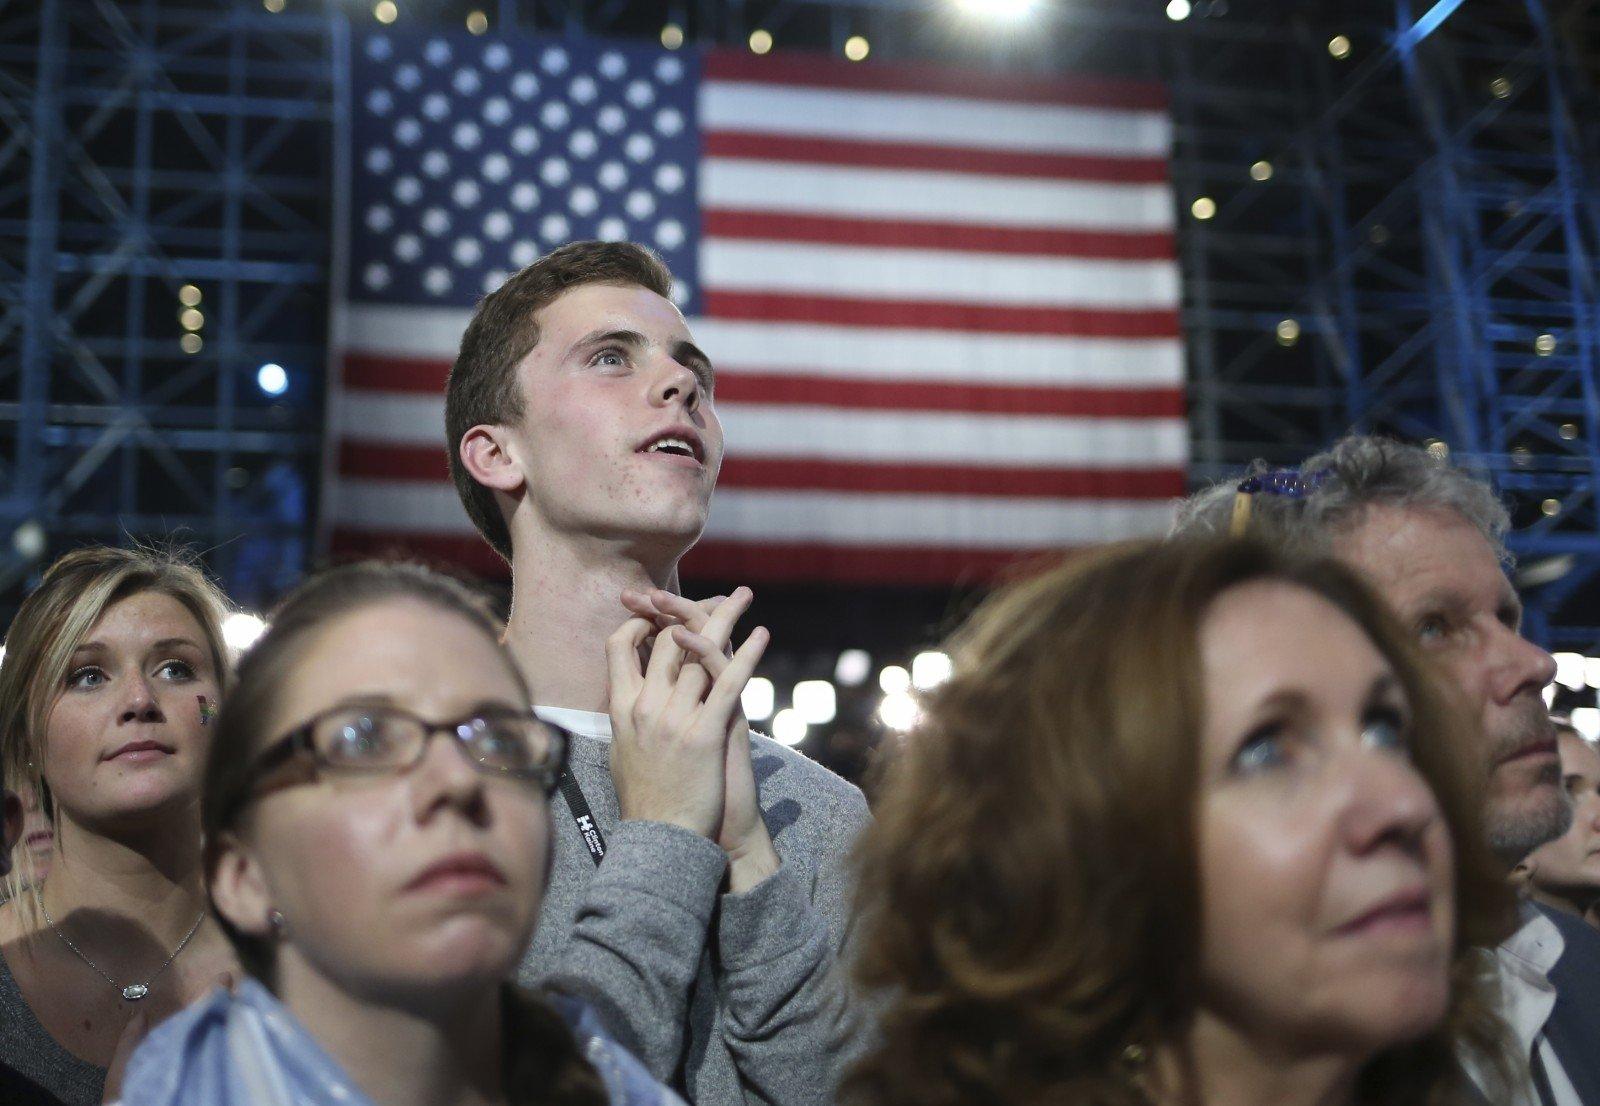 США: Трамп приближается кпобеде напрезидентских выборах